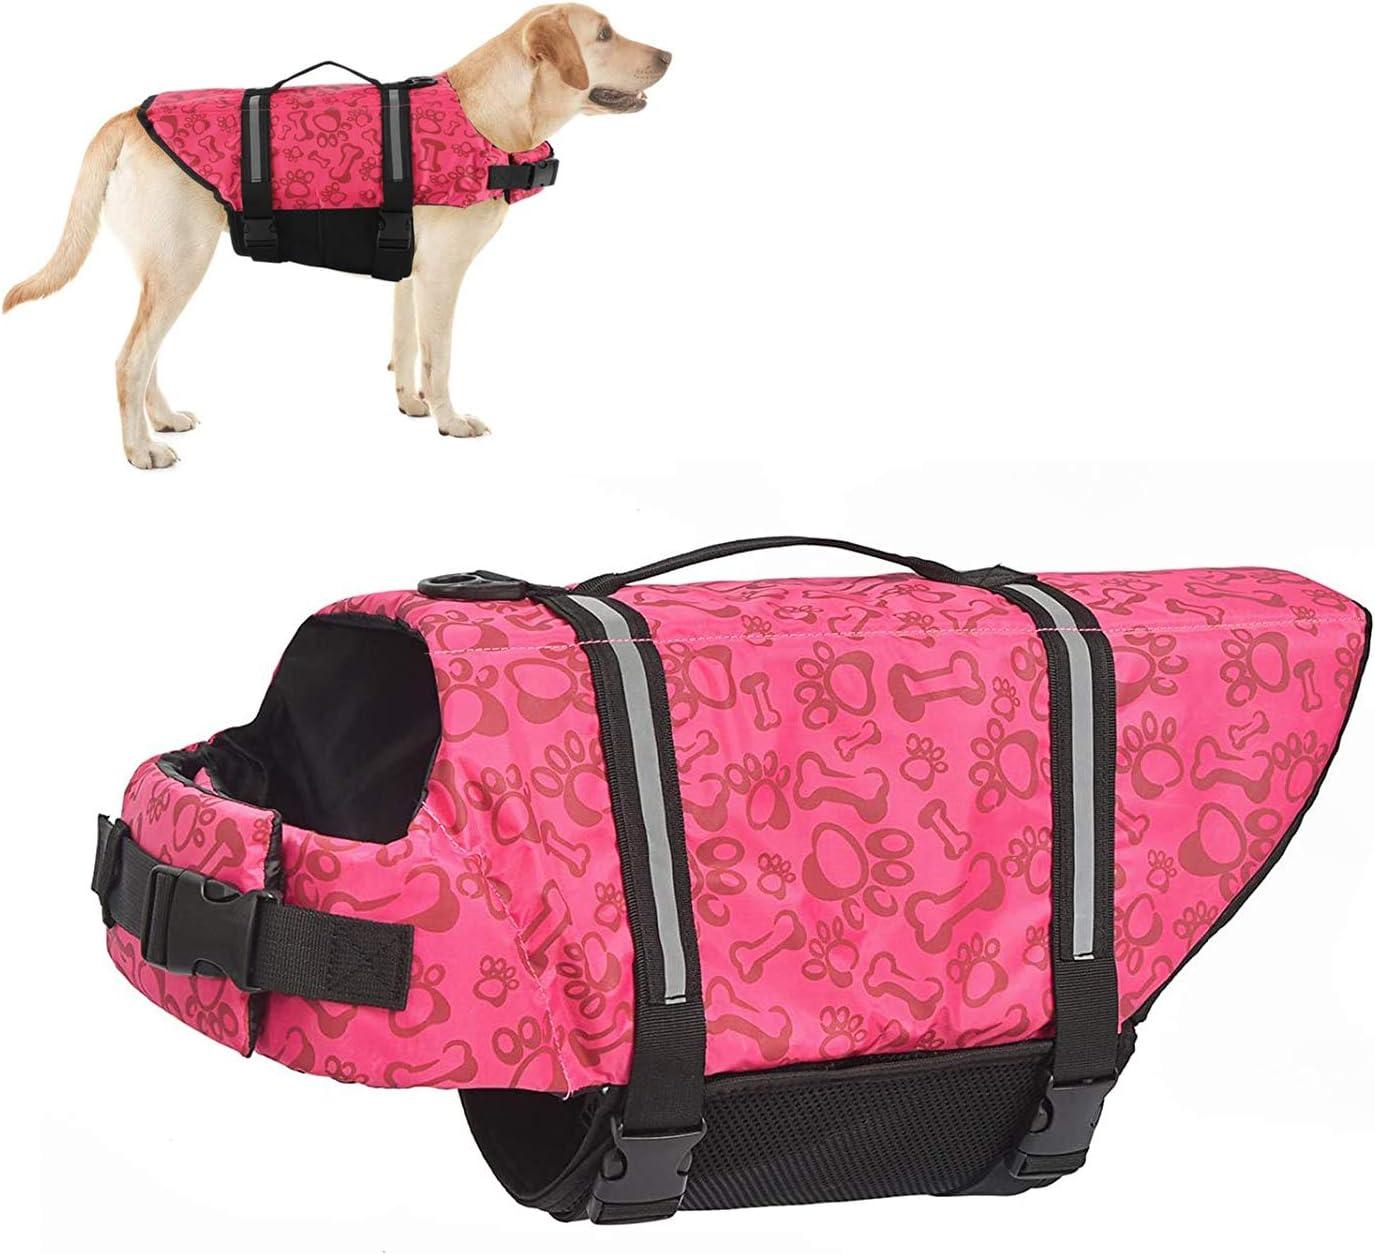 HOTGOL Max 42% OFF Dog Life Jacket Adjustable Safety Pet with Reflectiv half Vest